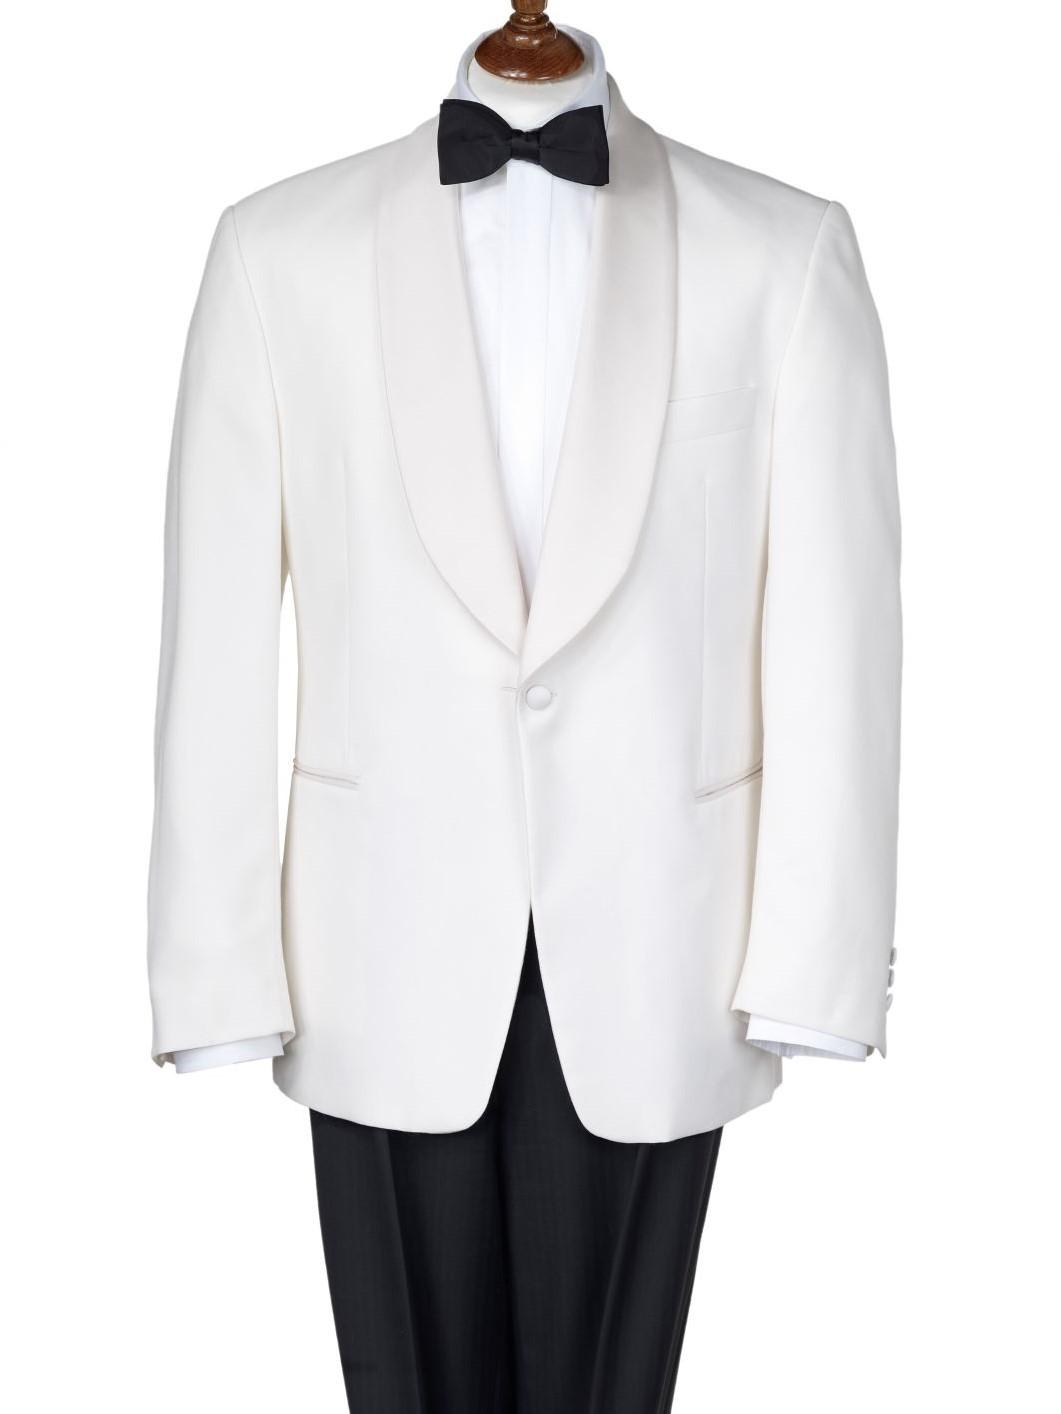 Anzug Hochzeit Berlin weisses Jacket